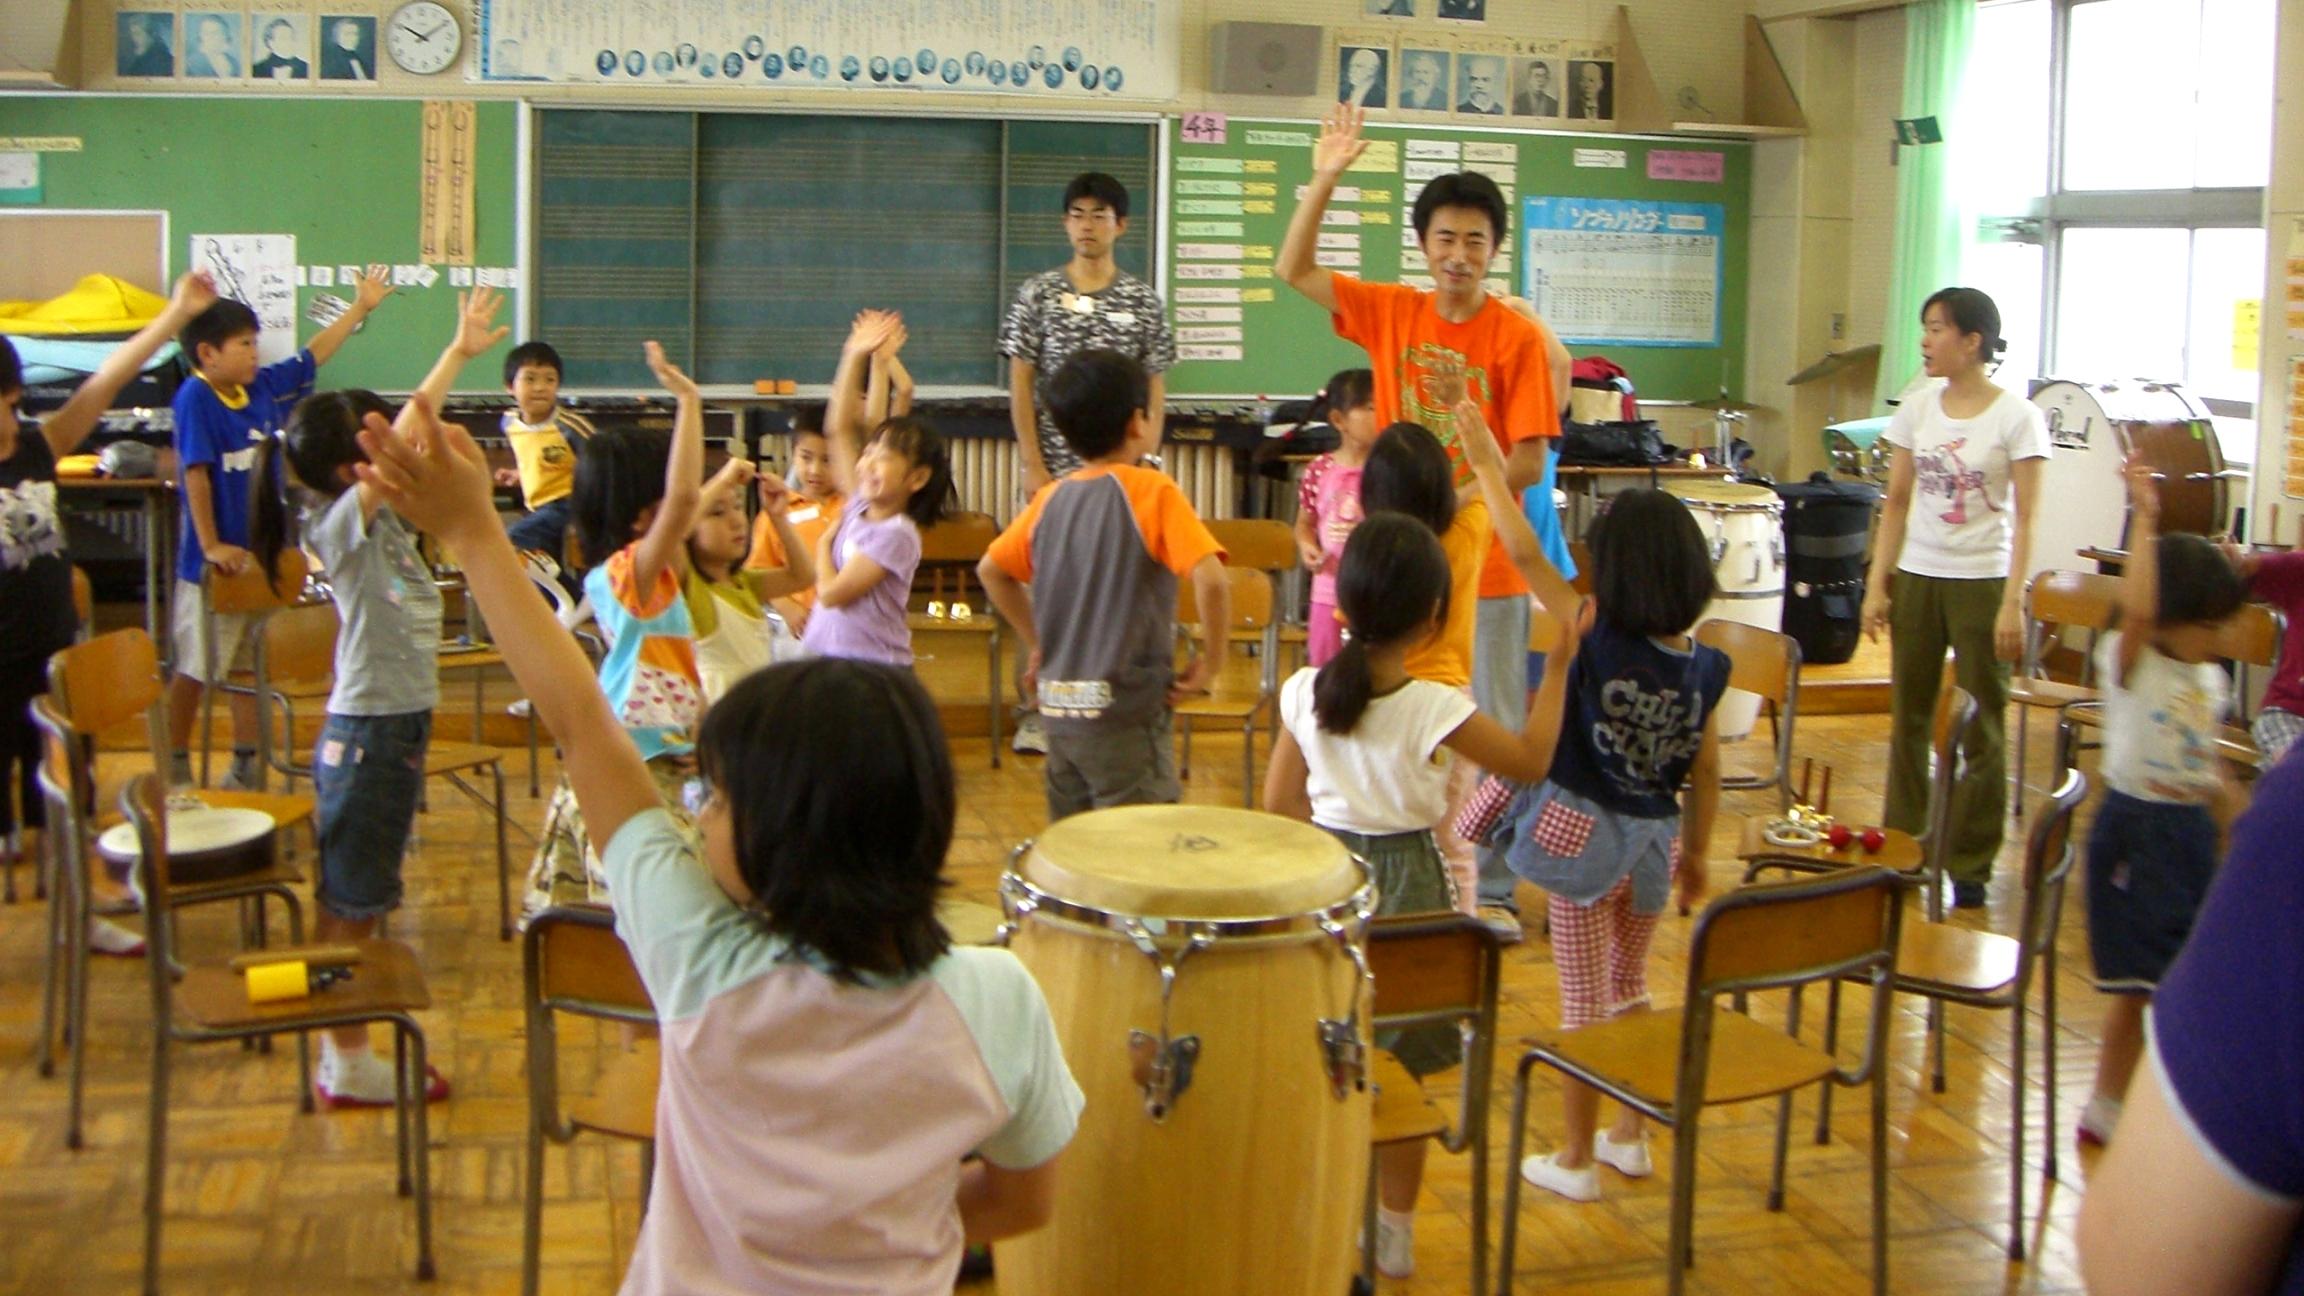 小学校での夏休みドラムサークルに三たび感動!